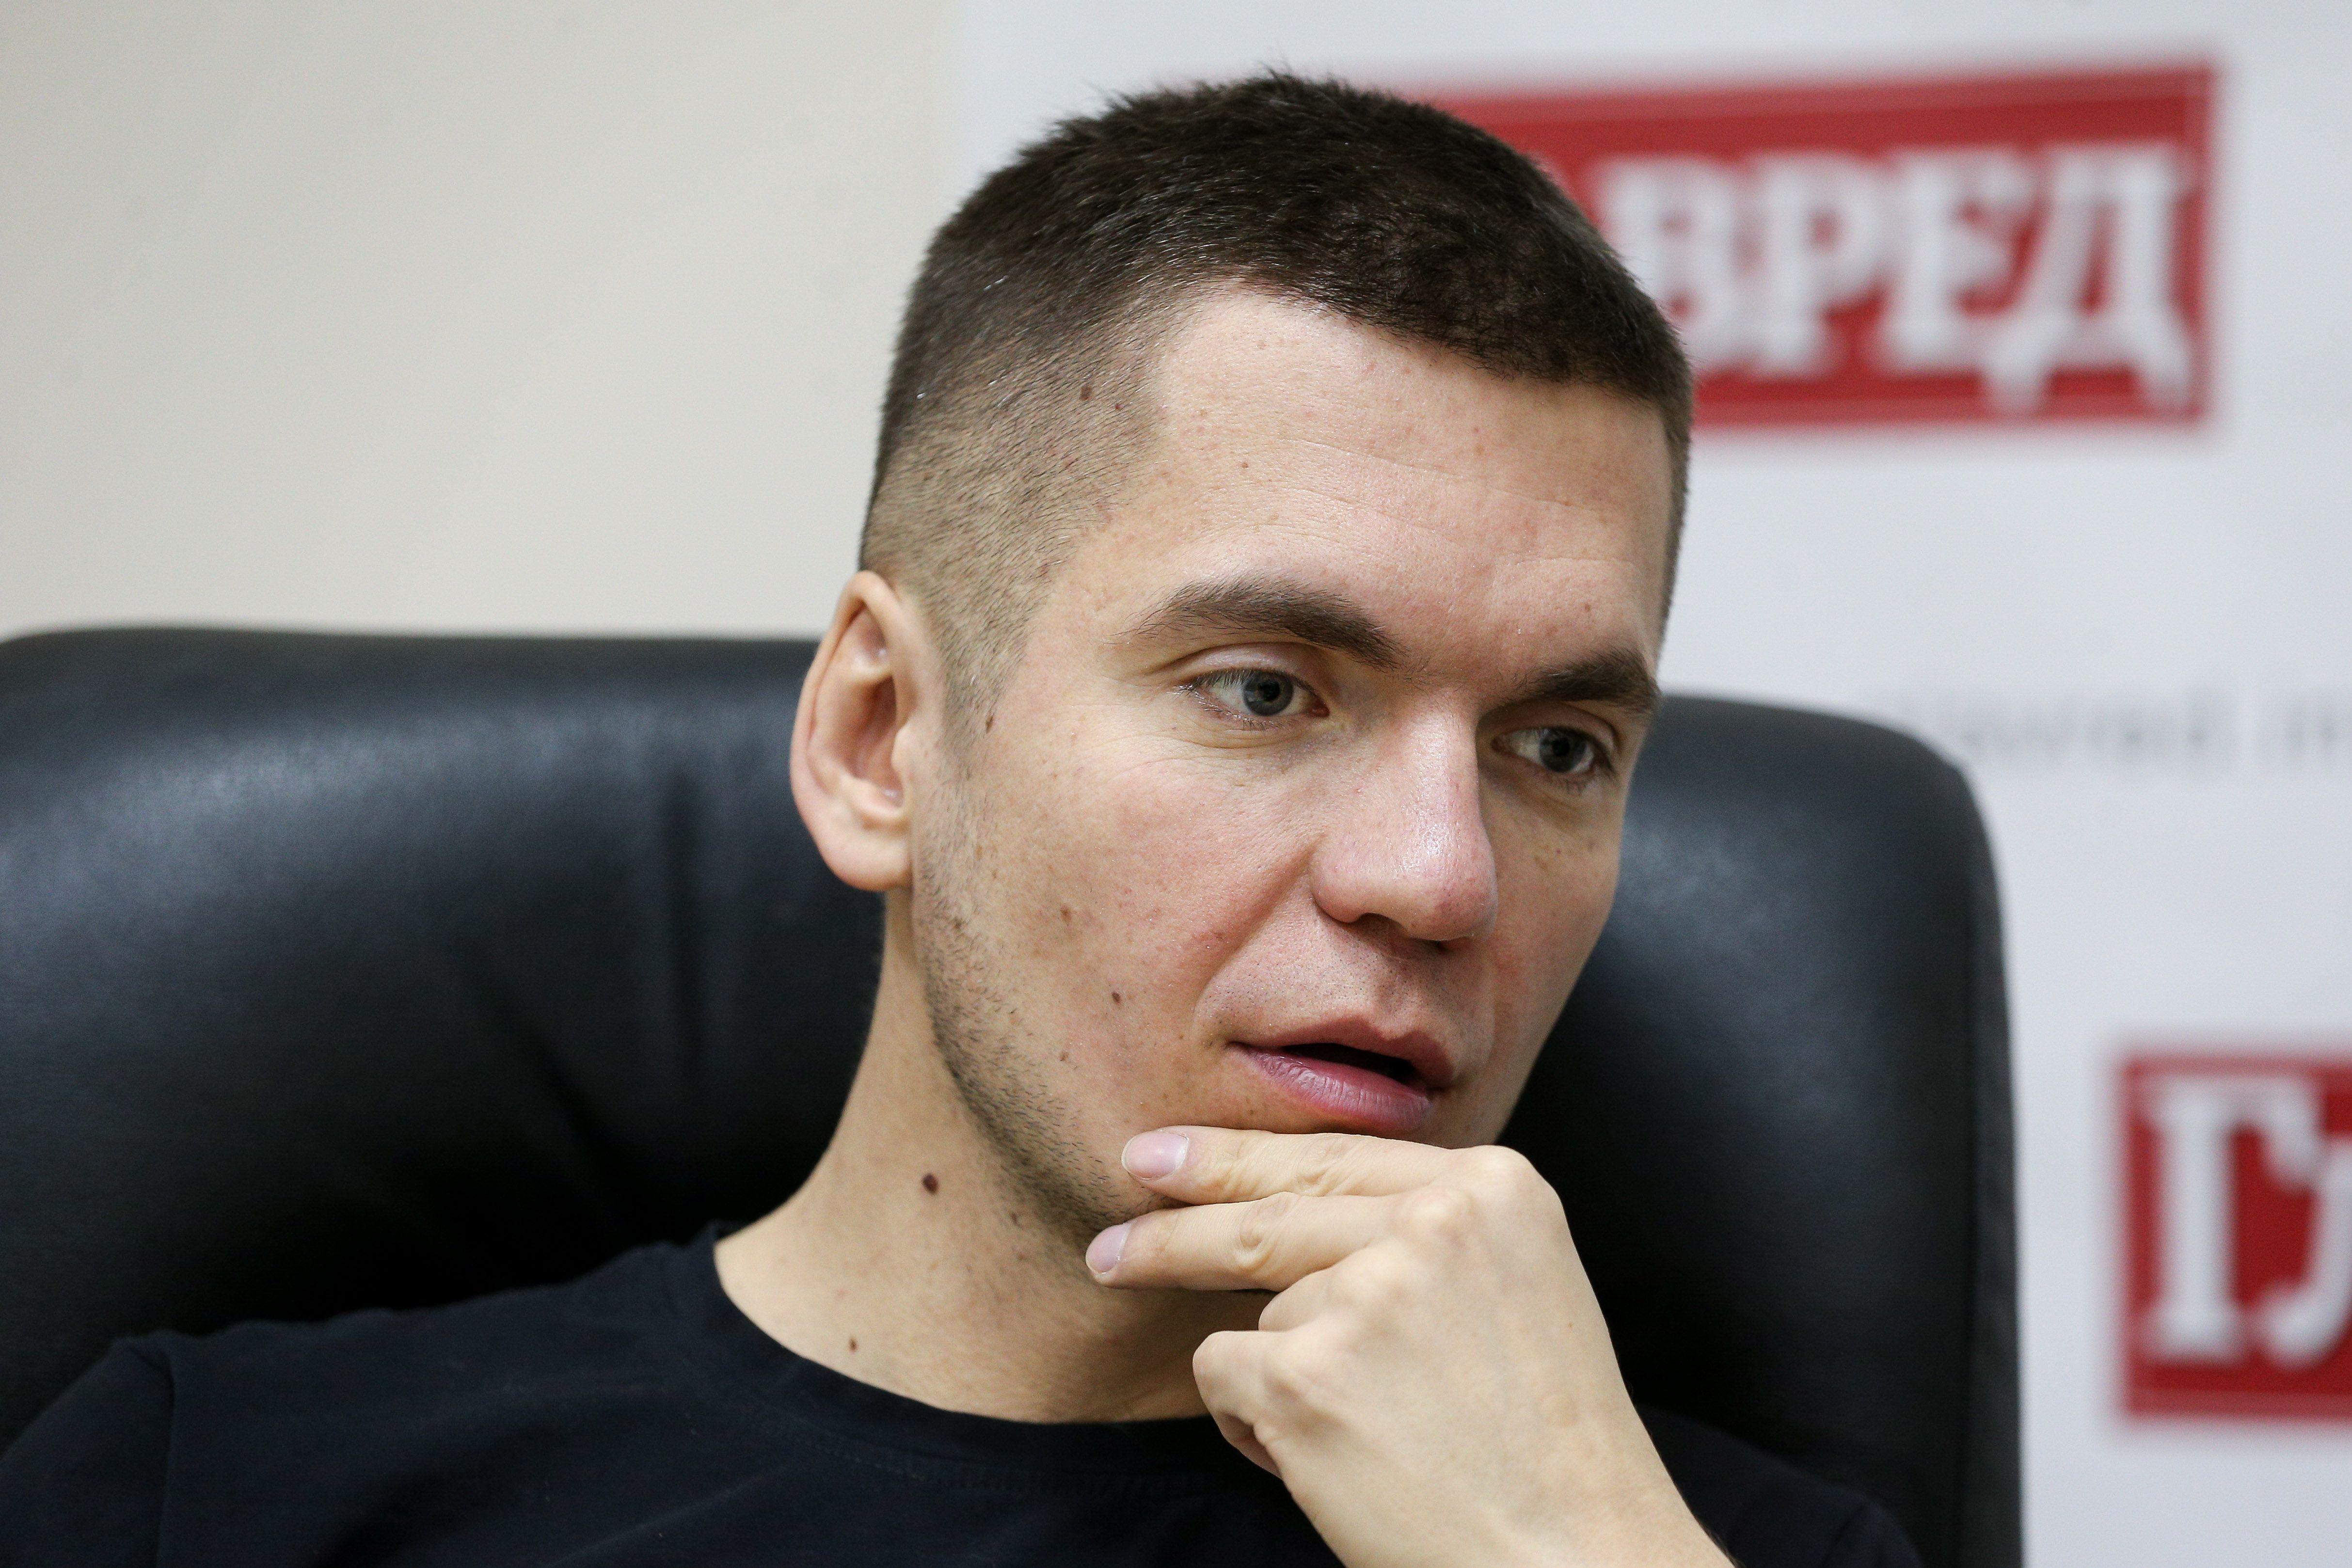 Волонтер полагает, что в Украине военное положение ввели по причинам, которые лежат в сфере внешнеполитических отношений